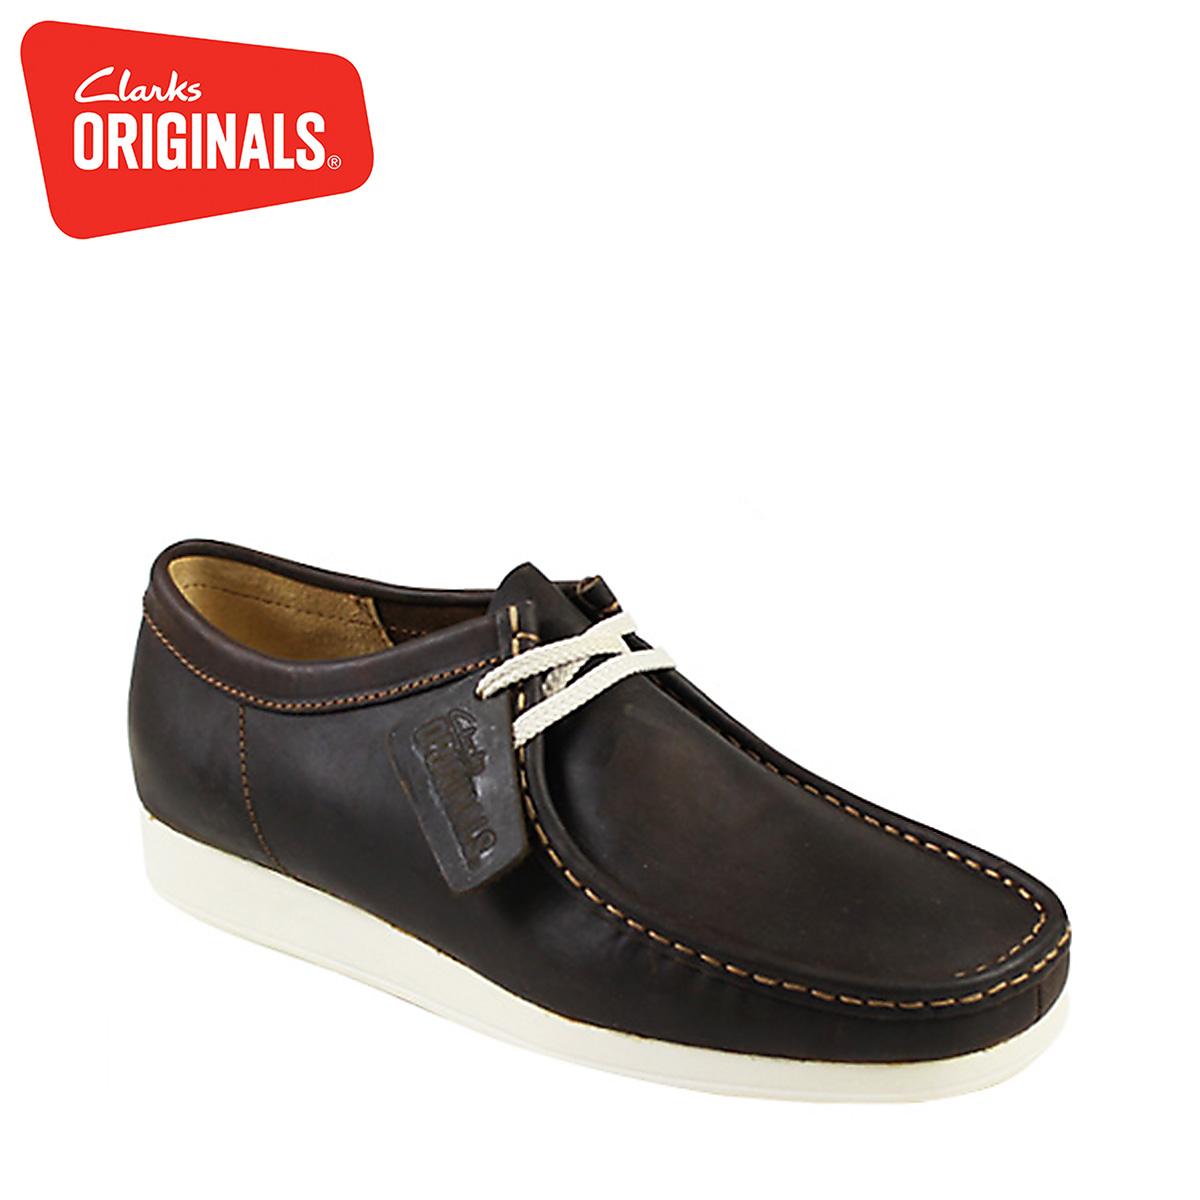 Clarks ORIGINALS クラークス オリジナルズ ワラビー ブーツ WALLABEE AERIAL BOOT Mワイズ 26108004 メンズ